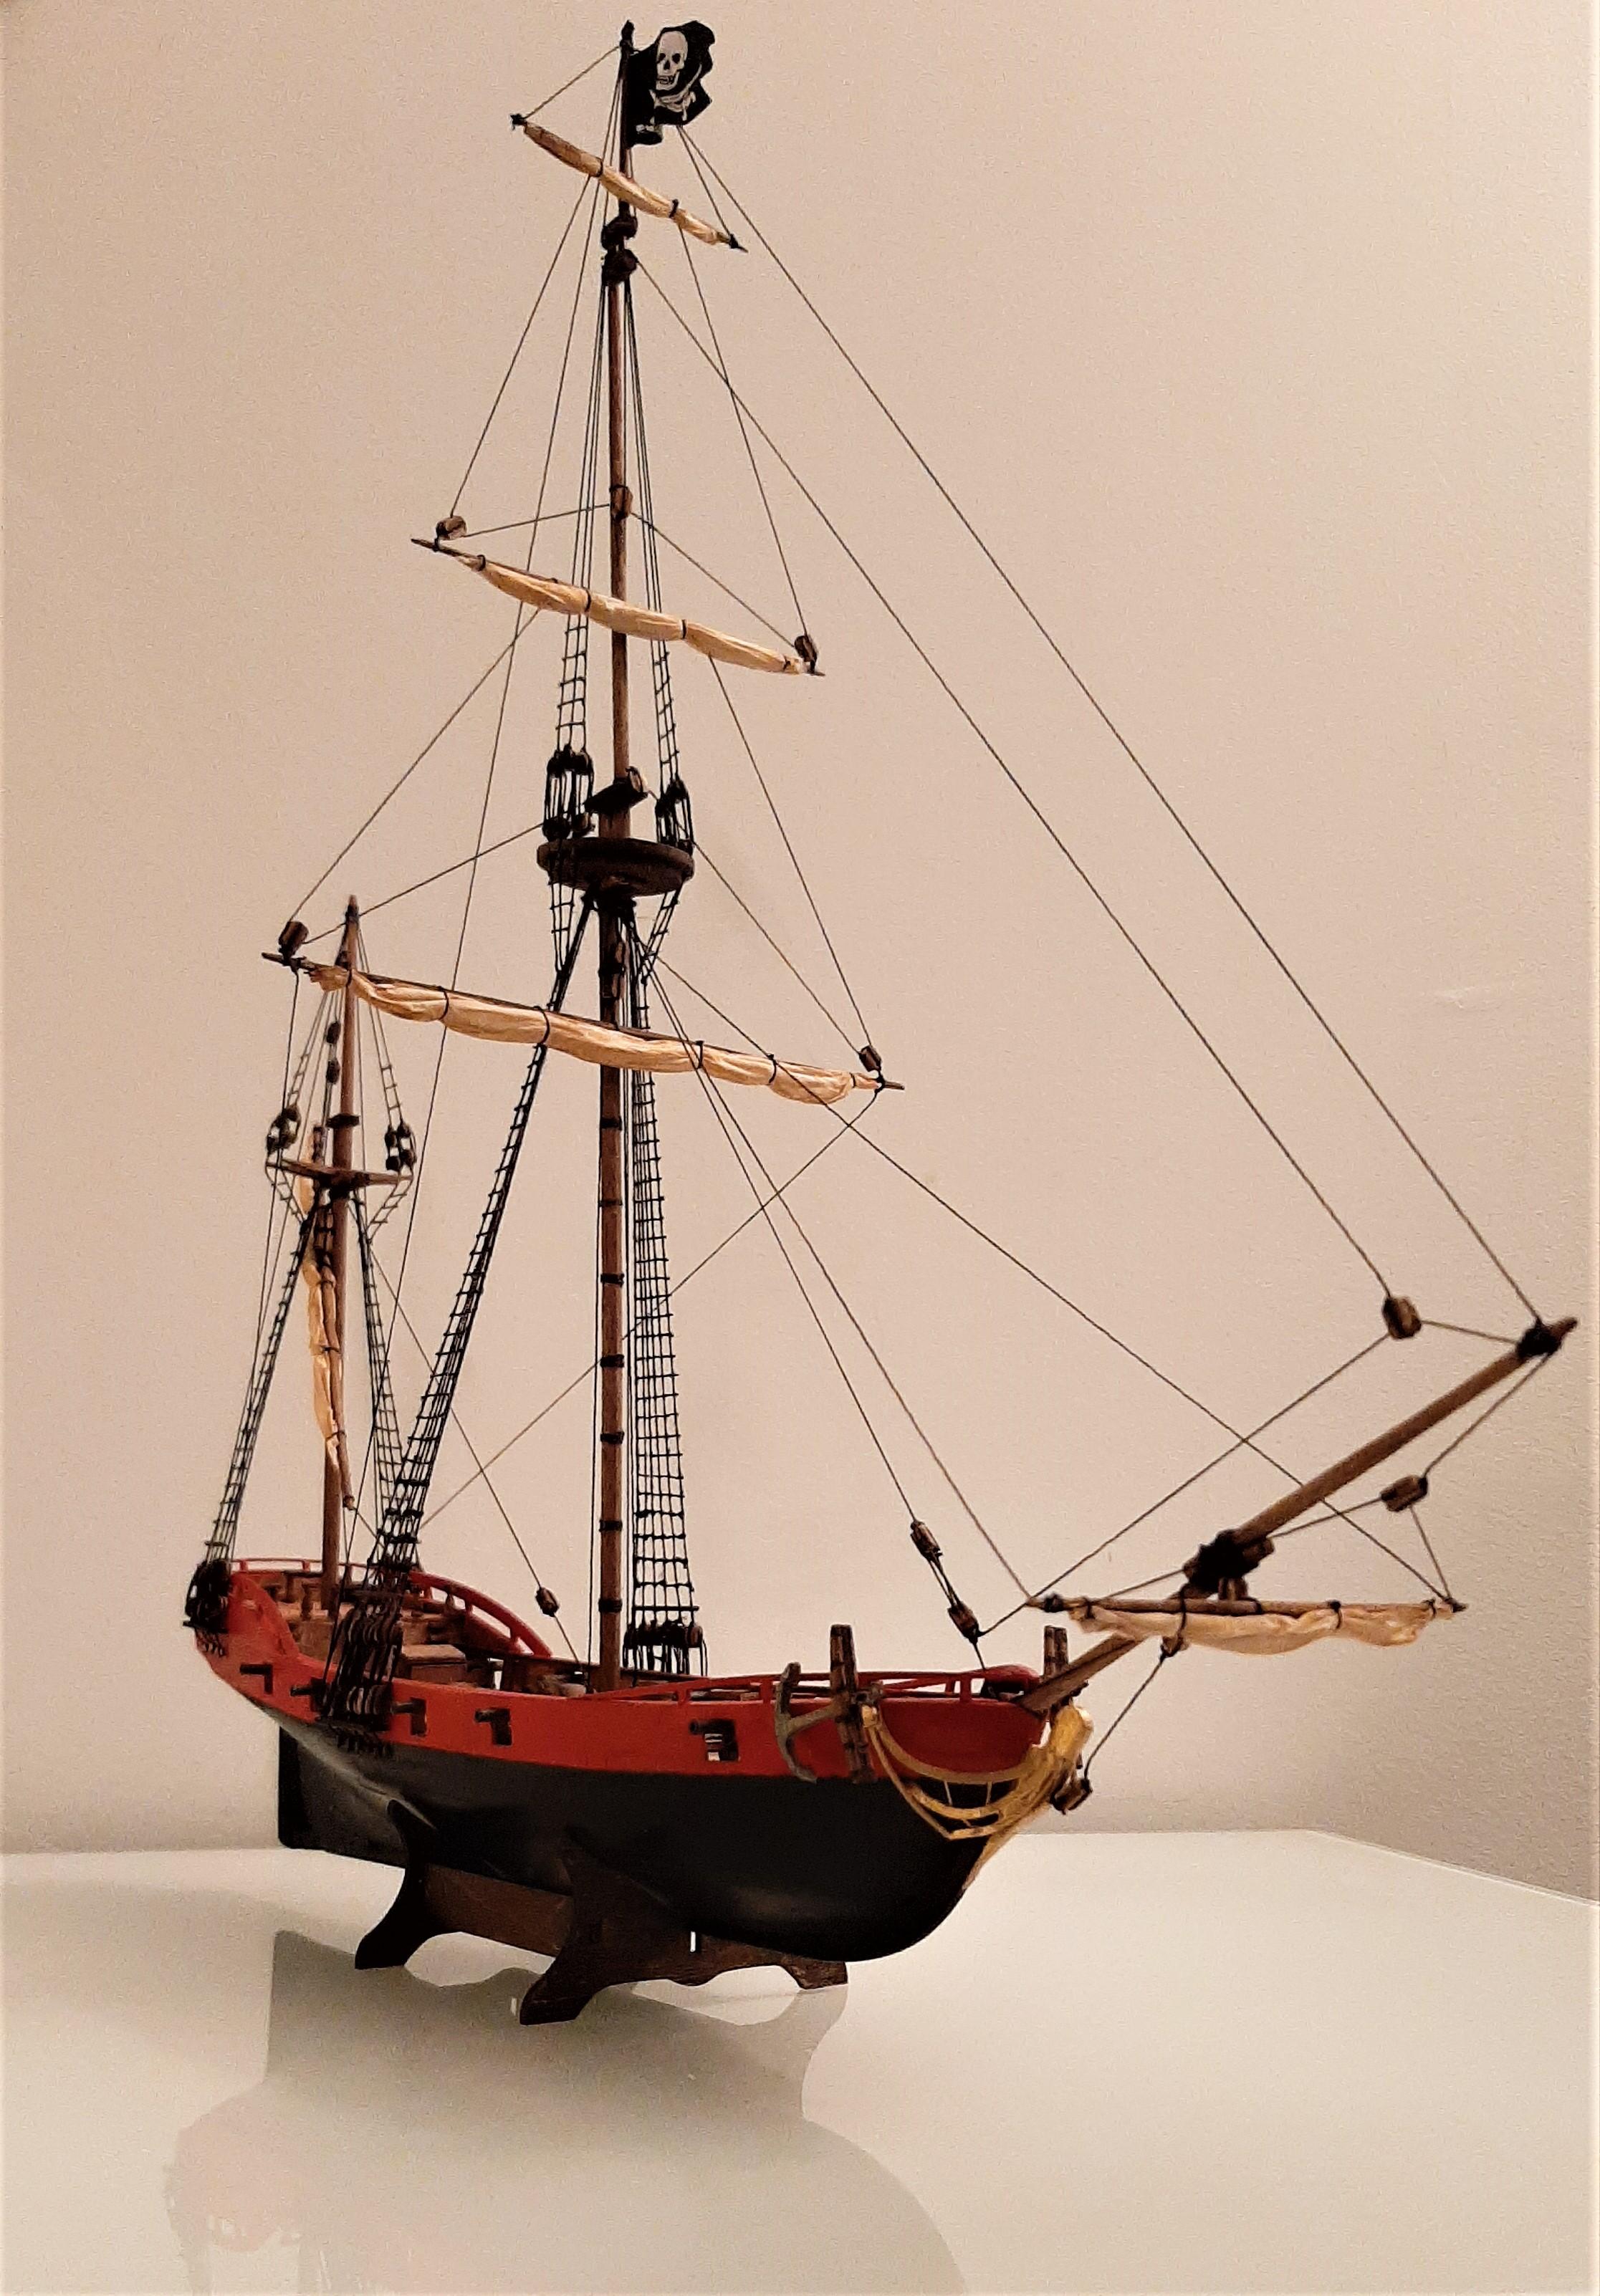 Galiote du pirate Rackham Le Rouge 1/100 (Tintin - le secret de la licorne) 40nixd6a